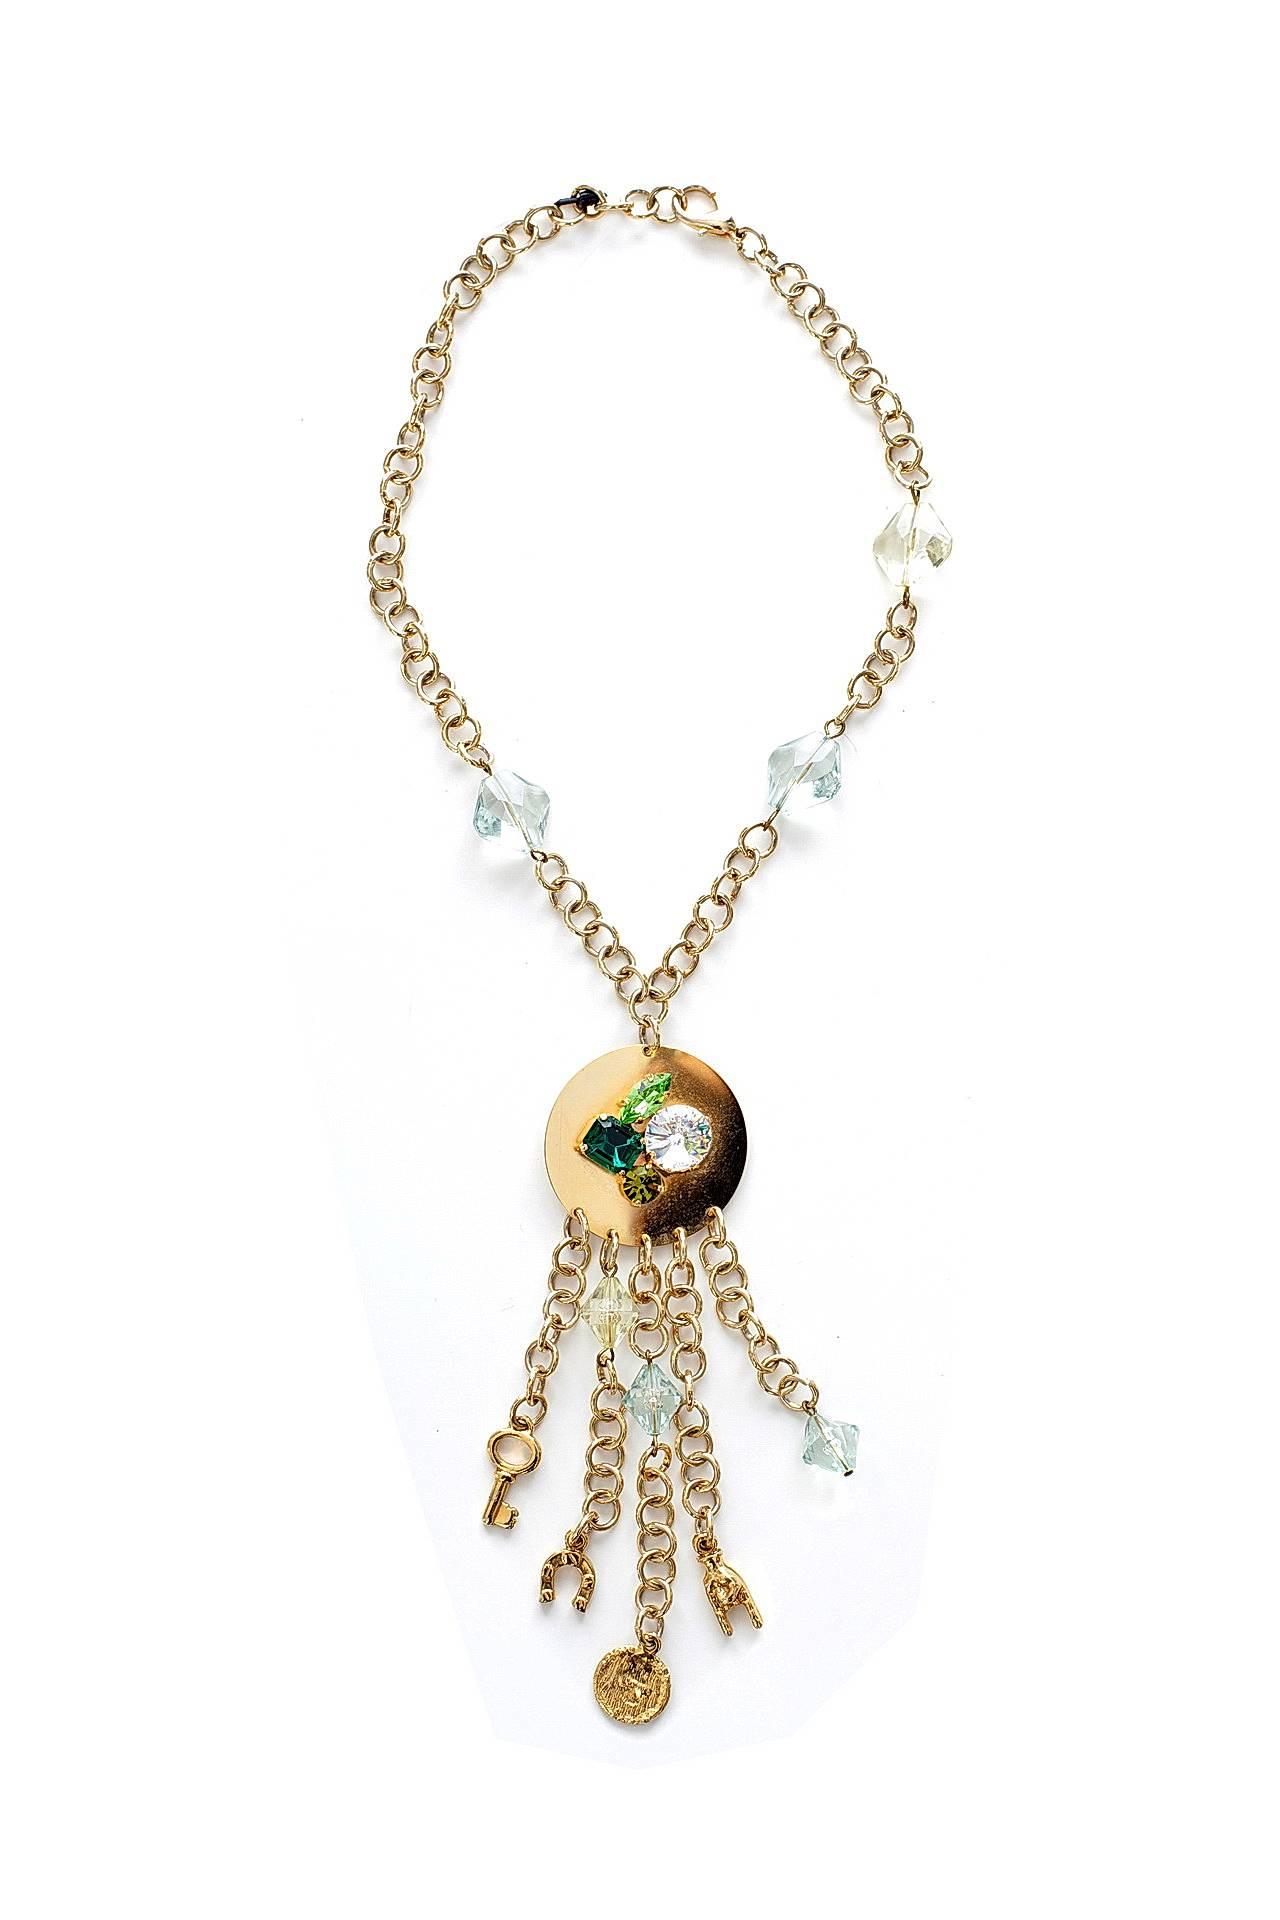 Цепь/цепочка бижутерная EUROBIJOUX 9755-Б/р женская цепь эстет золотая цепочка est01ц7100140 65